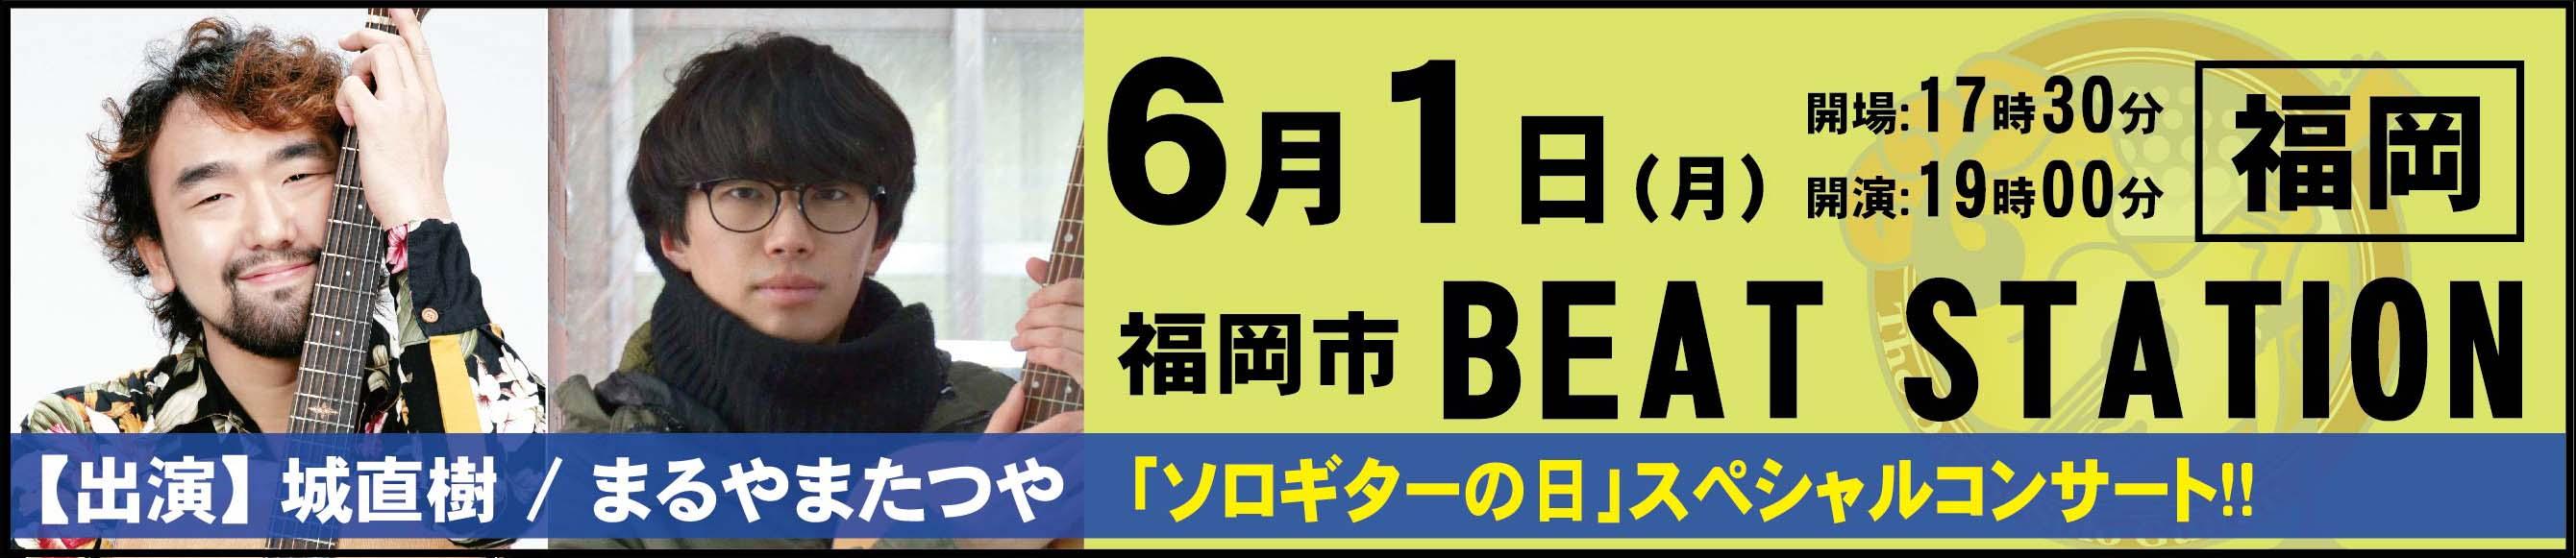 2015_06_01_福岡BEAT STATION「ソロギターの日」スペシャルライブ!